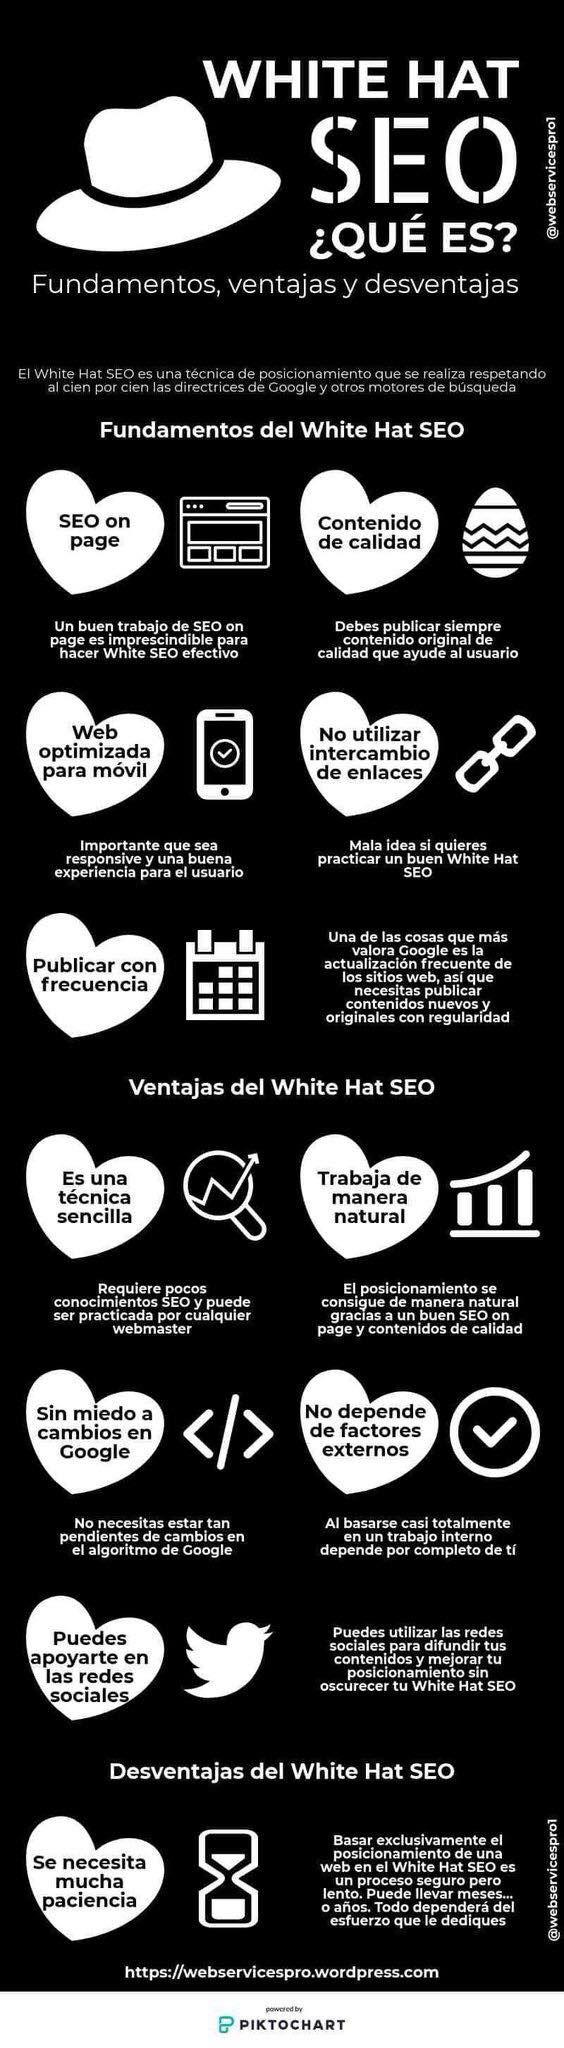 White Hat SEO ¿Qué es? Fundamentos, ventajas y desventajas. El White Hat SEO es una técnica de posicionamiento web que se realiza respetando al cien por cien las directrices de Google y otros motores de  búsqueda. #SEO #infografias